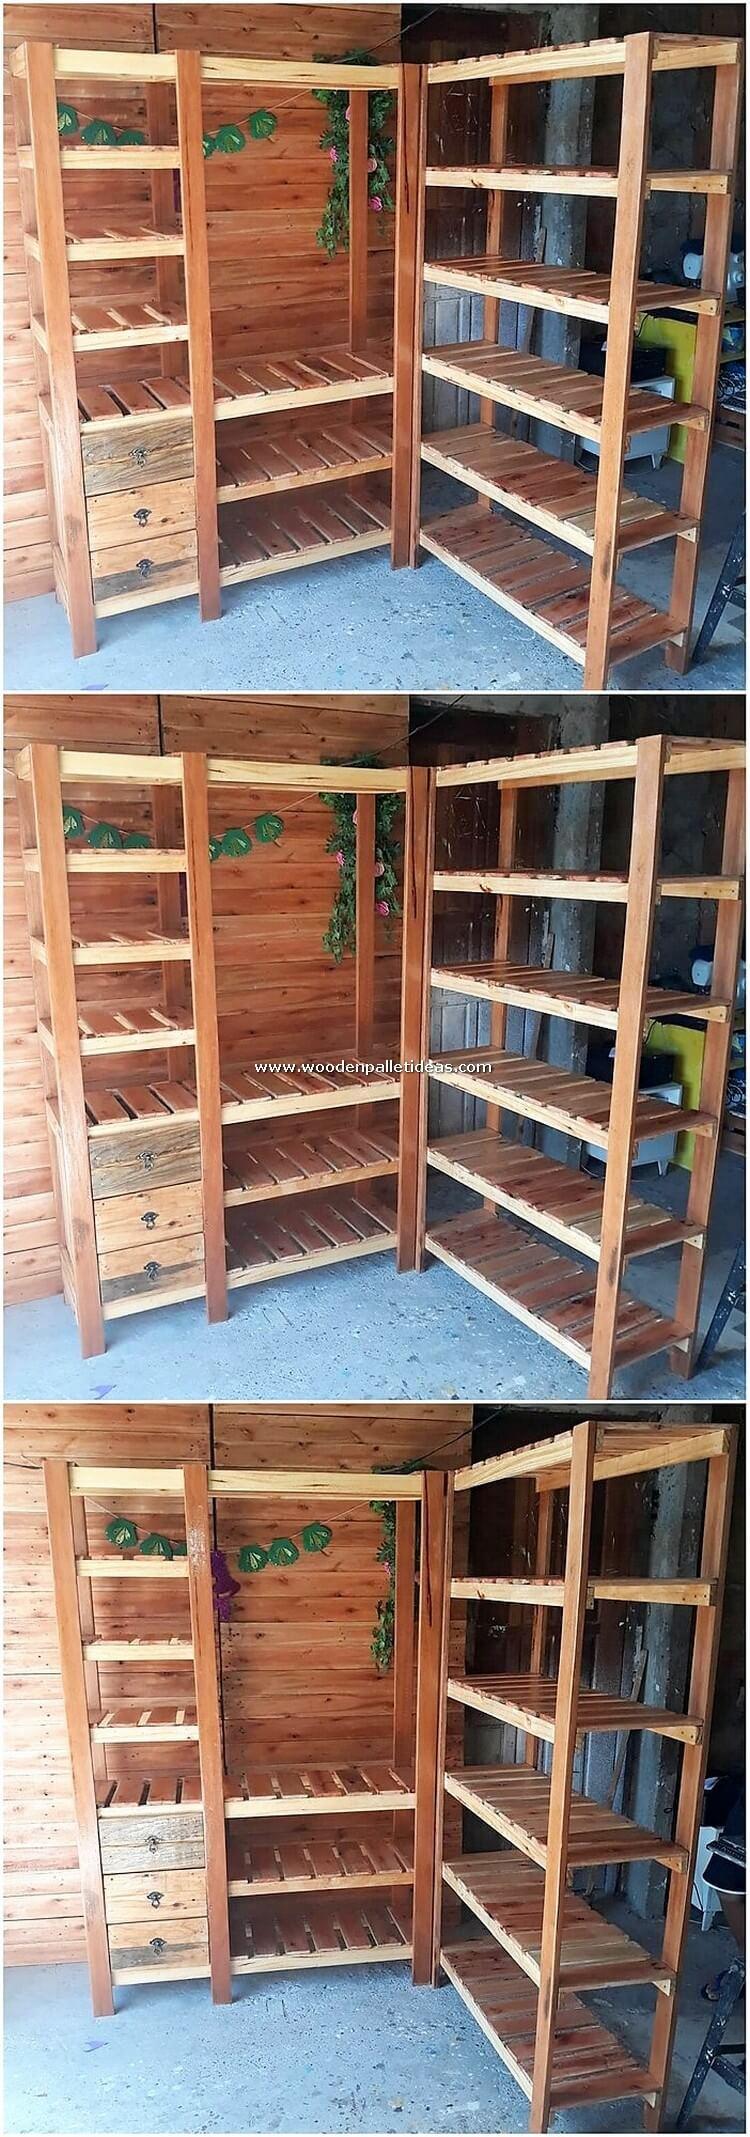 Pallet Closet or Shelving Unit